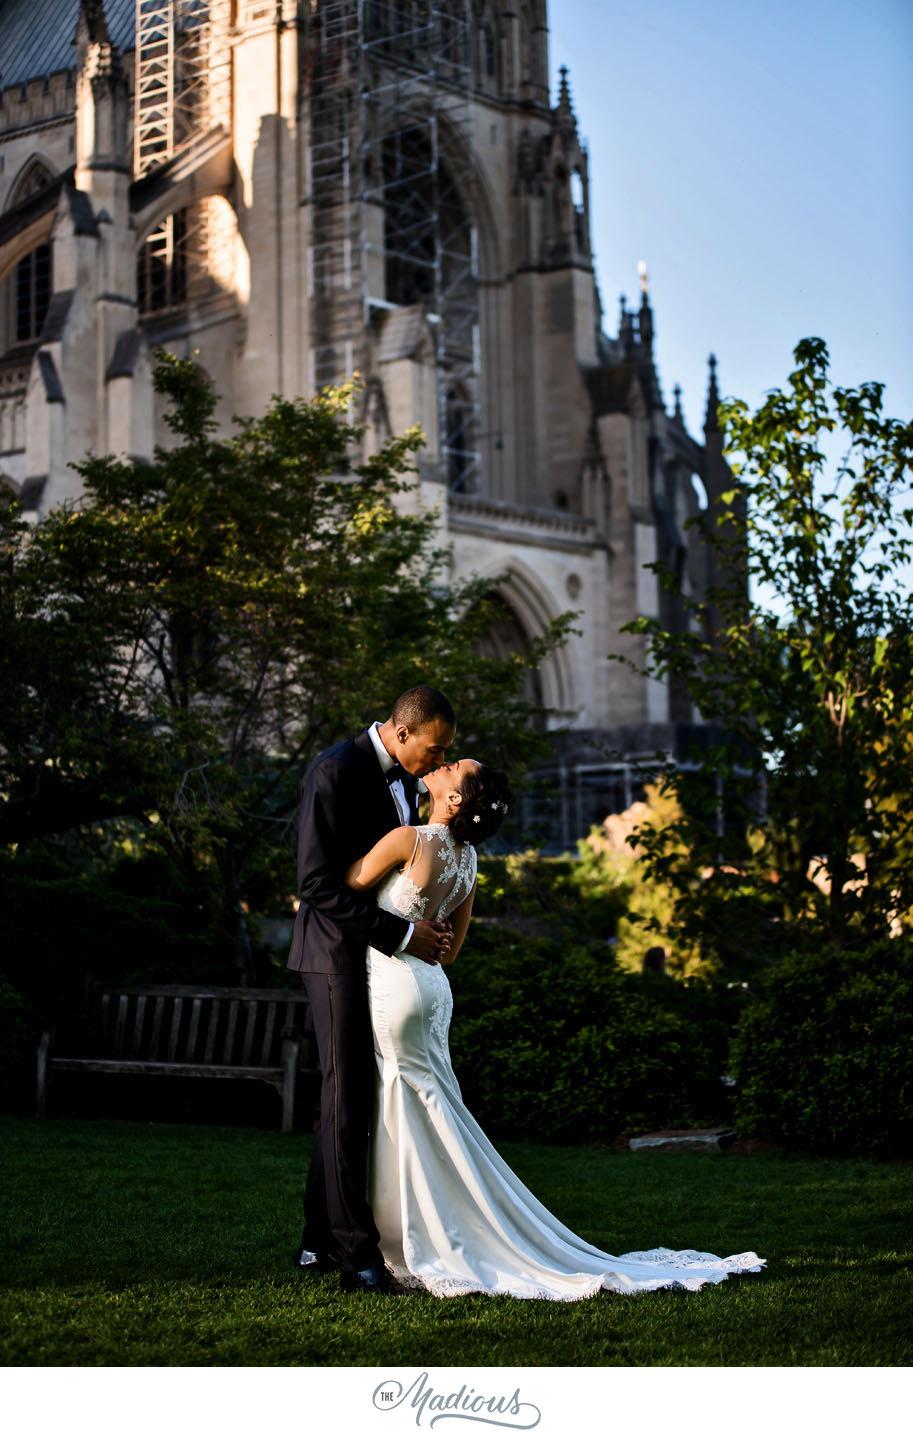 Fairmont Hotel DC Wedding 27.JPG